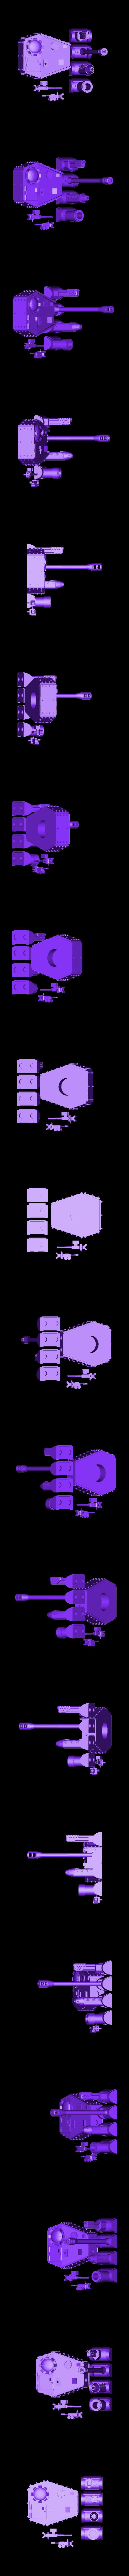 armoured turret with guns.stl Télécharger fichier STL Ork Tank / Canon d'assaut 28mm optimisé pour FDM Printing • Modèle pour imprimante 3D, redstarkits